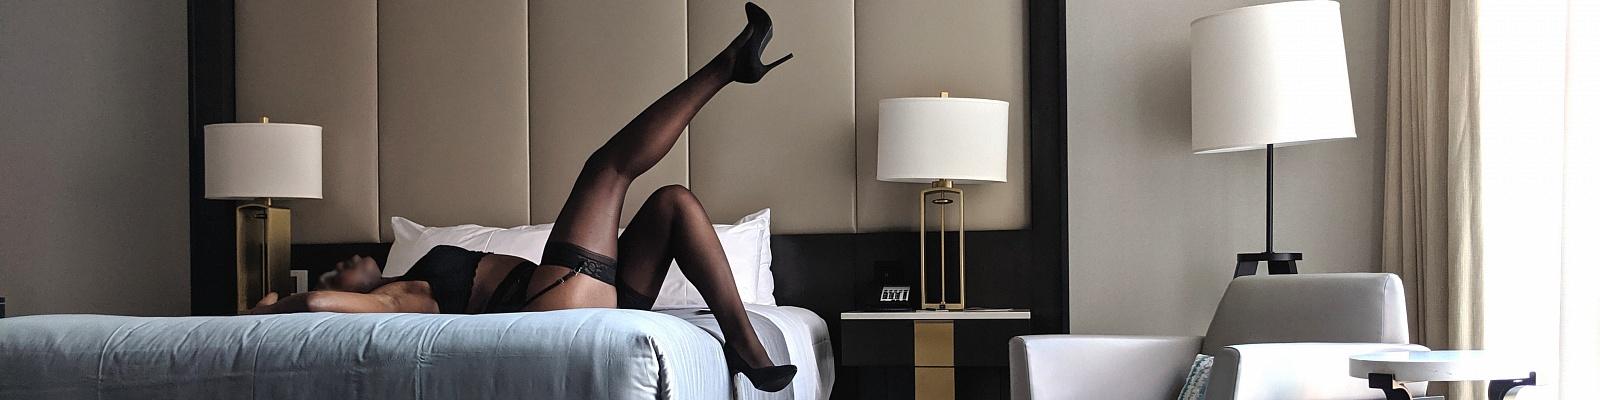 Faye Lyon's Cover Photo